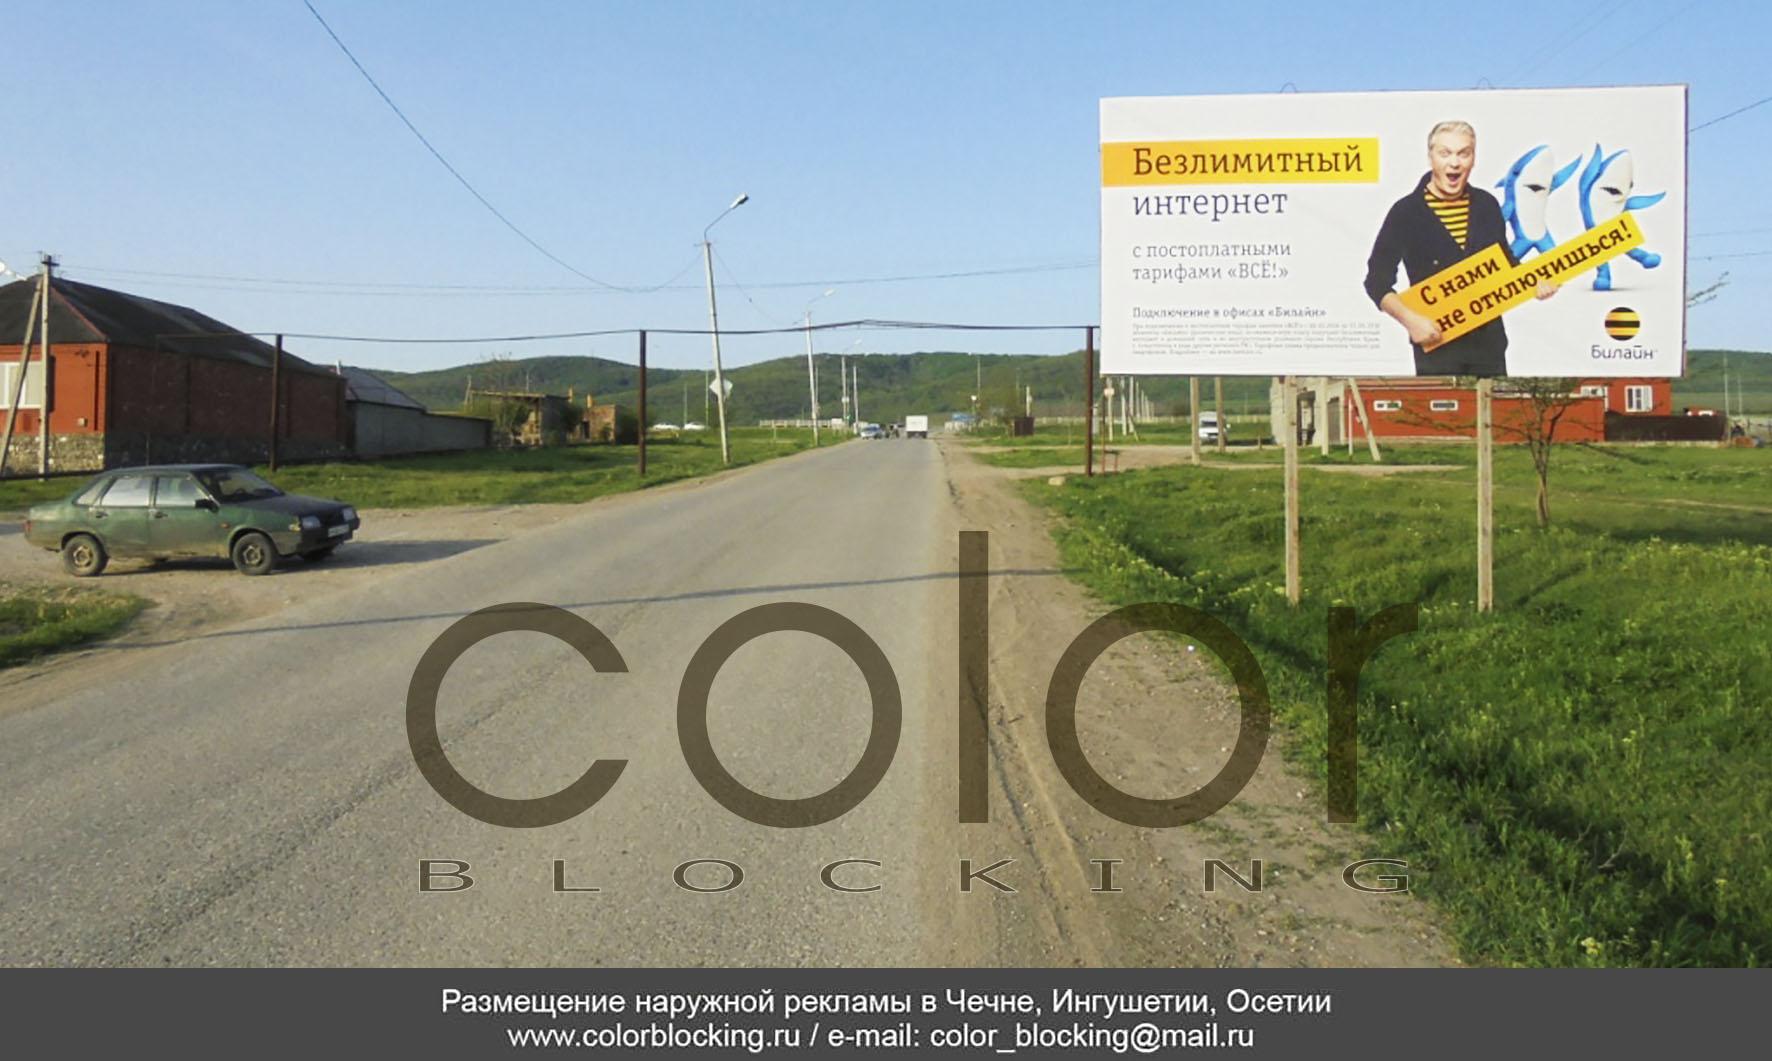 Наружная реклама в населенных пунктах Чечни Мелчу-Хи